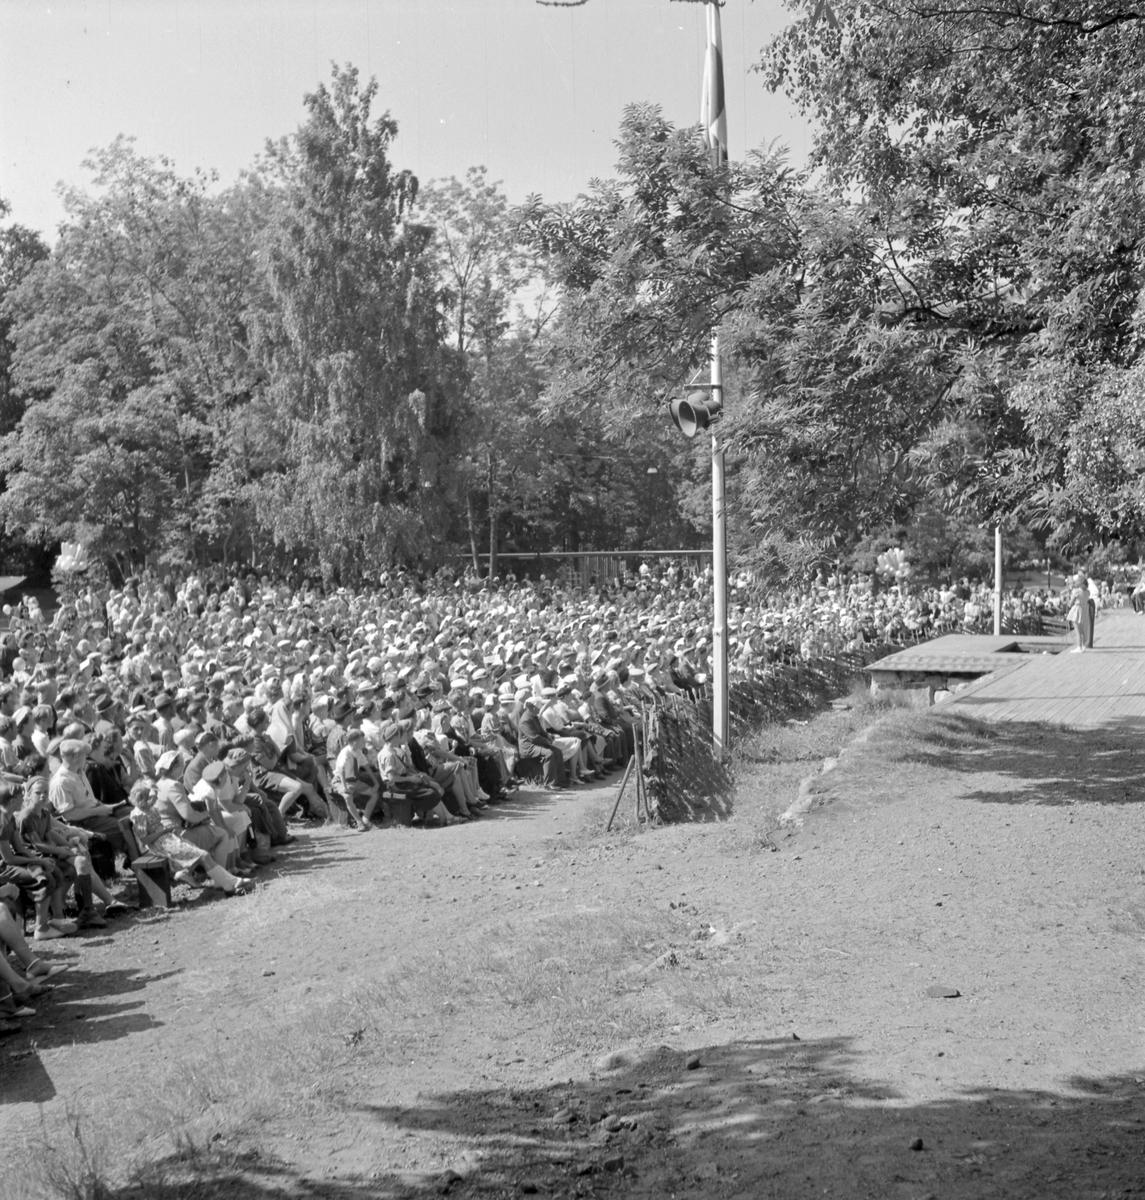 Furuvik  Furuviksparken invigdes pingstdagen 1936. Folkdanslaget Furuviks Ungdomslag och Barnkabarén blev Furuviksbarnen.  Det är fullsatt under föreställningen